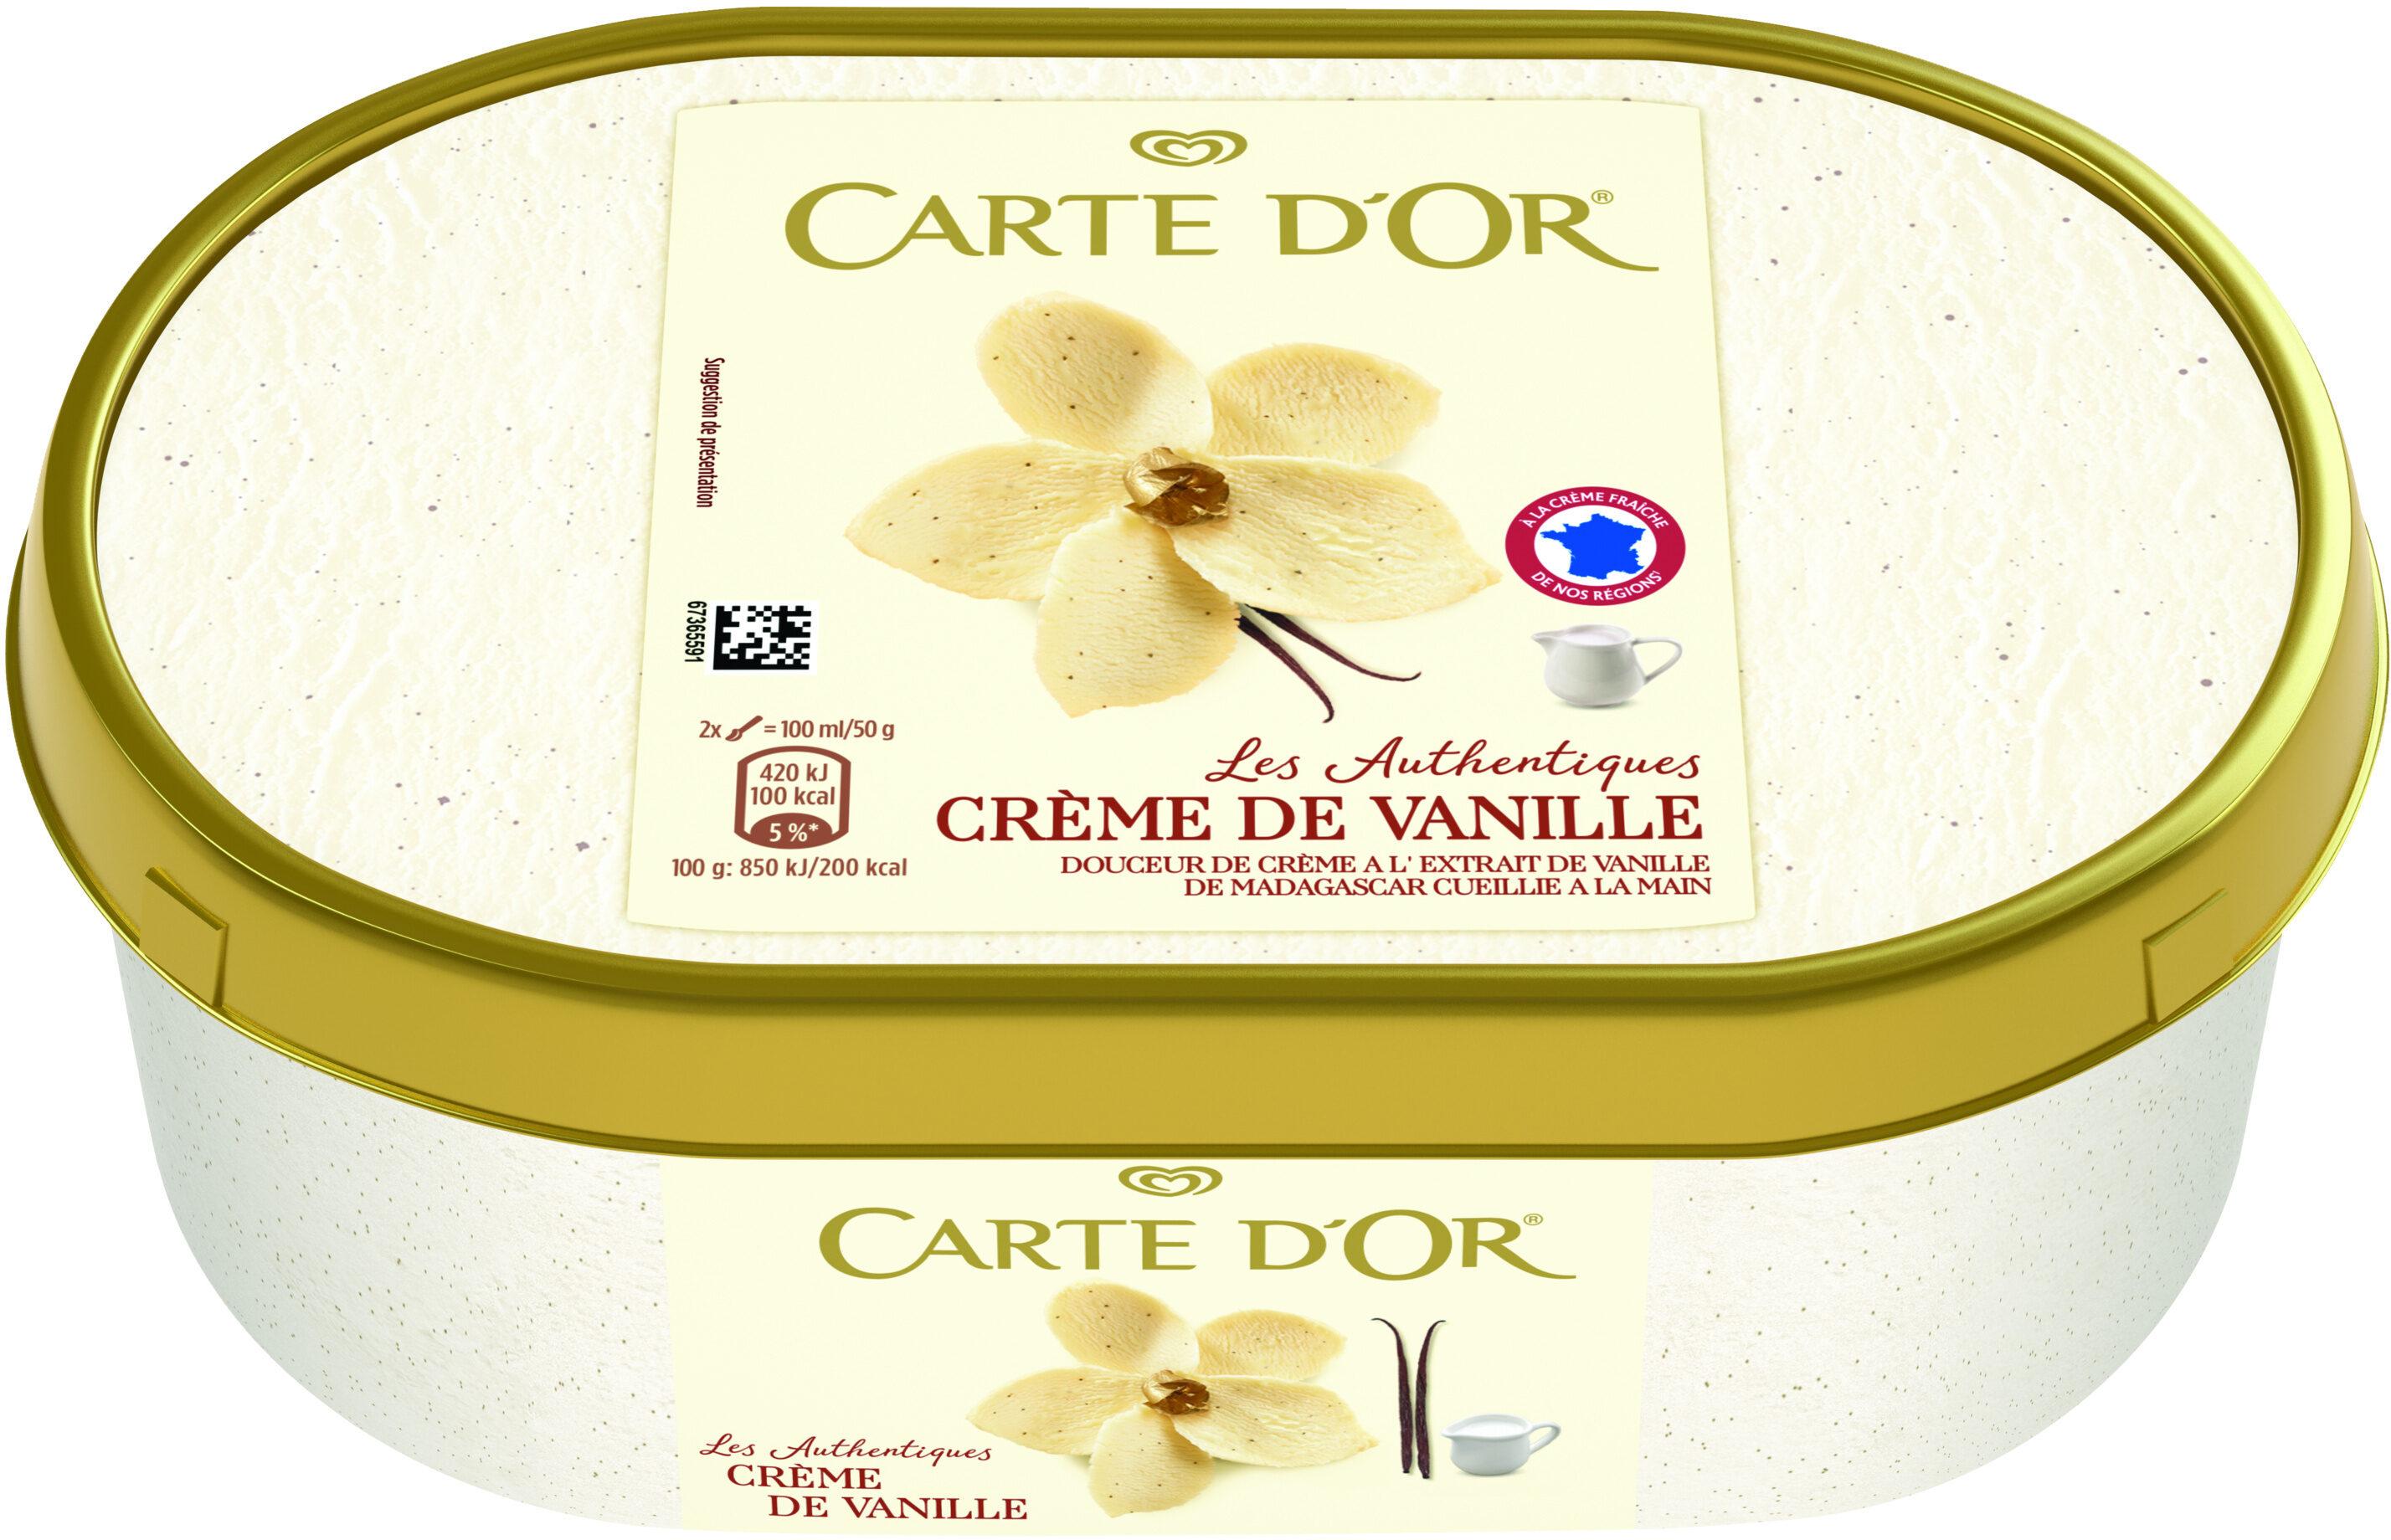 Glace Crème de Vanille, Les Authentiques - Producto - fr